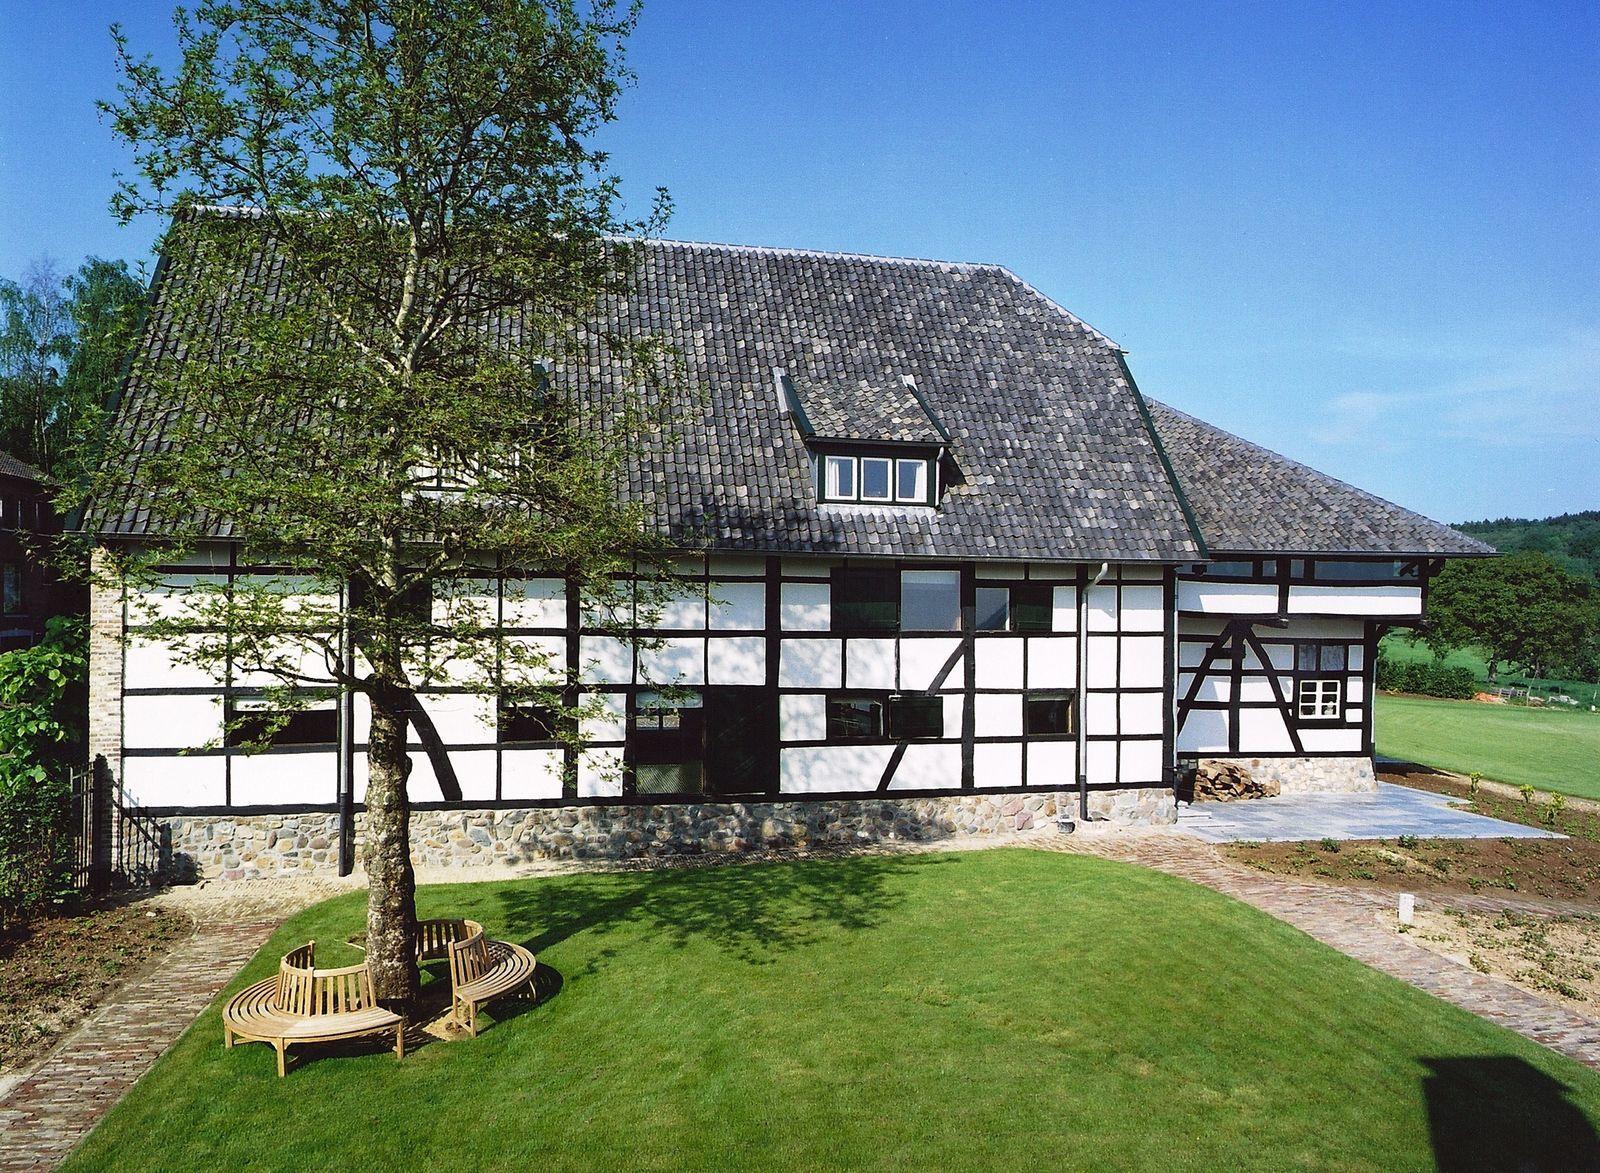 Carrehoeve Schweiberg - exclusieve vakantievilla met zwembad en jacuzzi in Zuid-Limburg